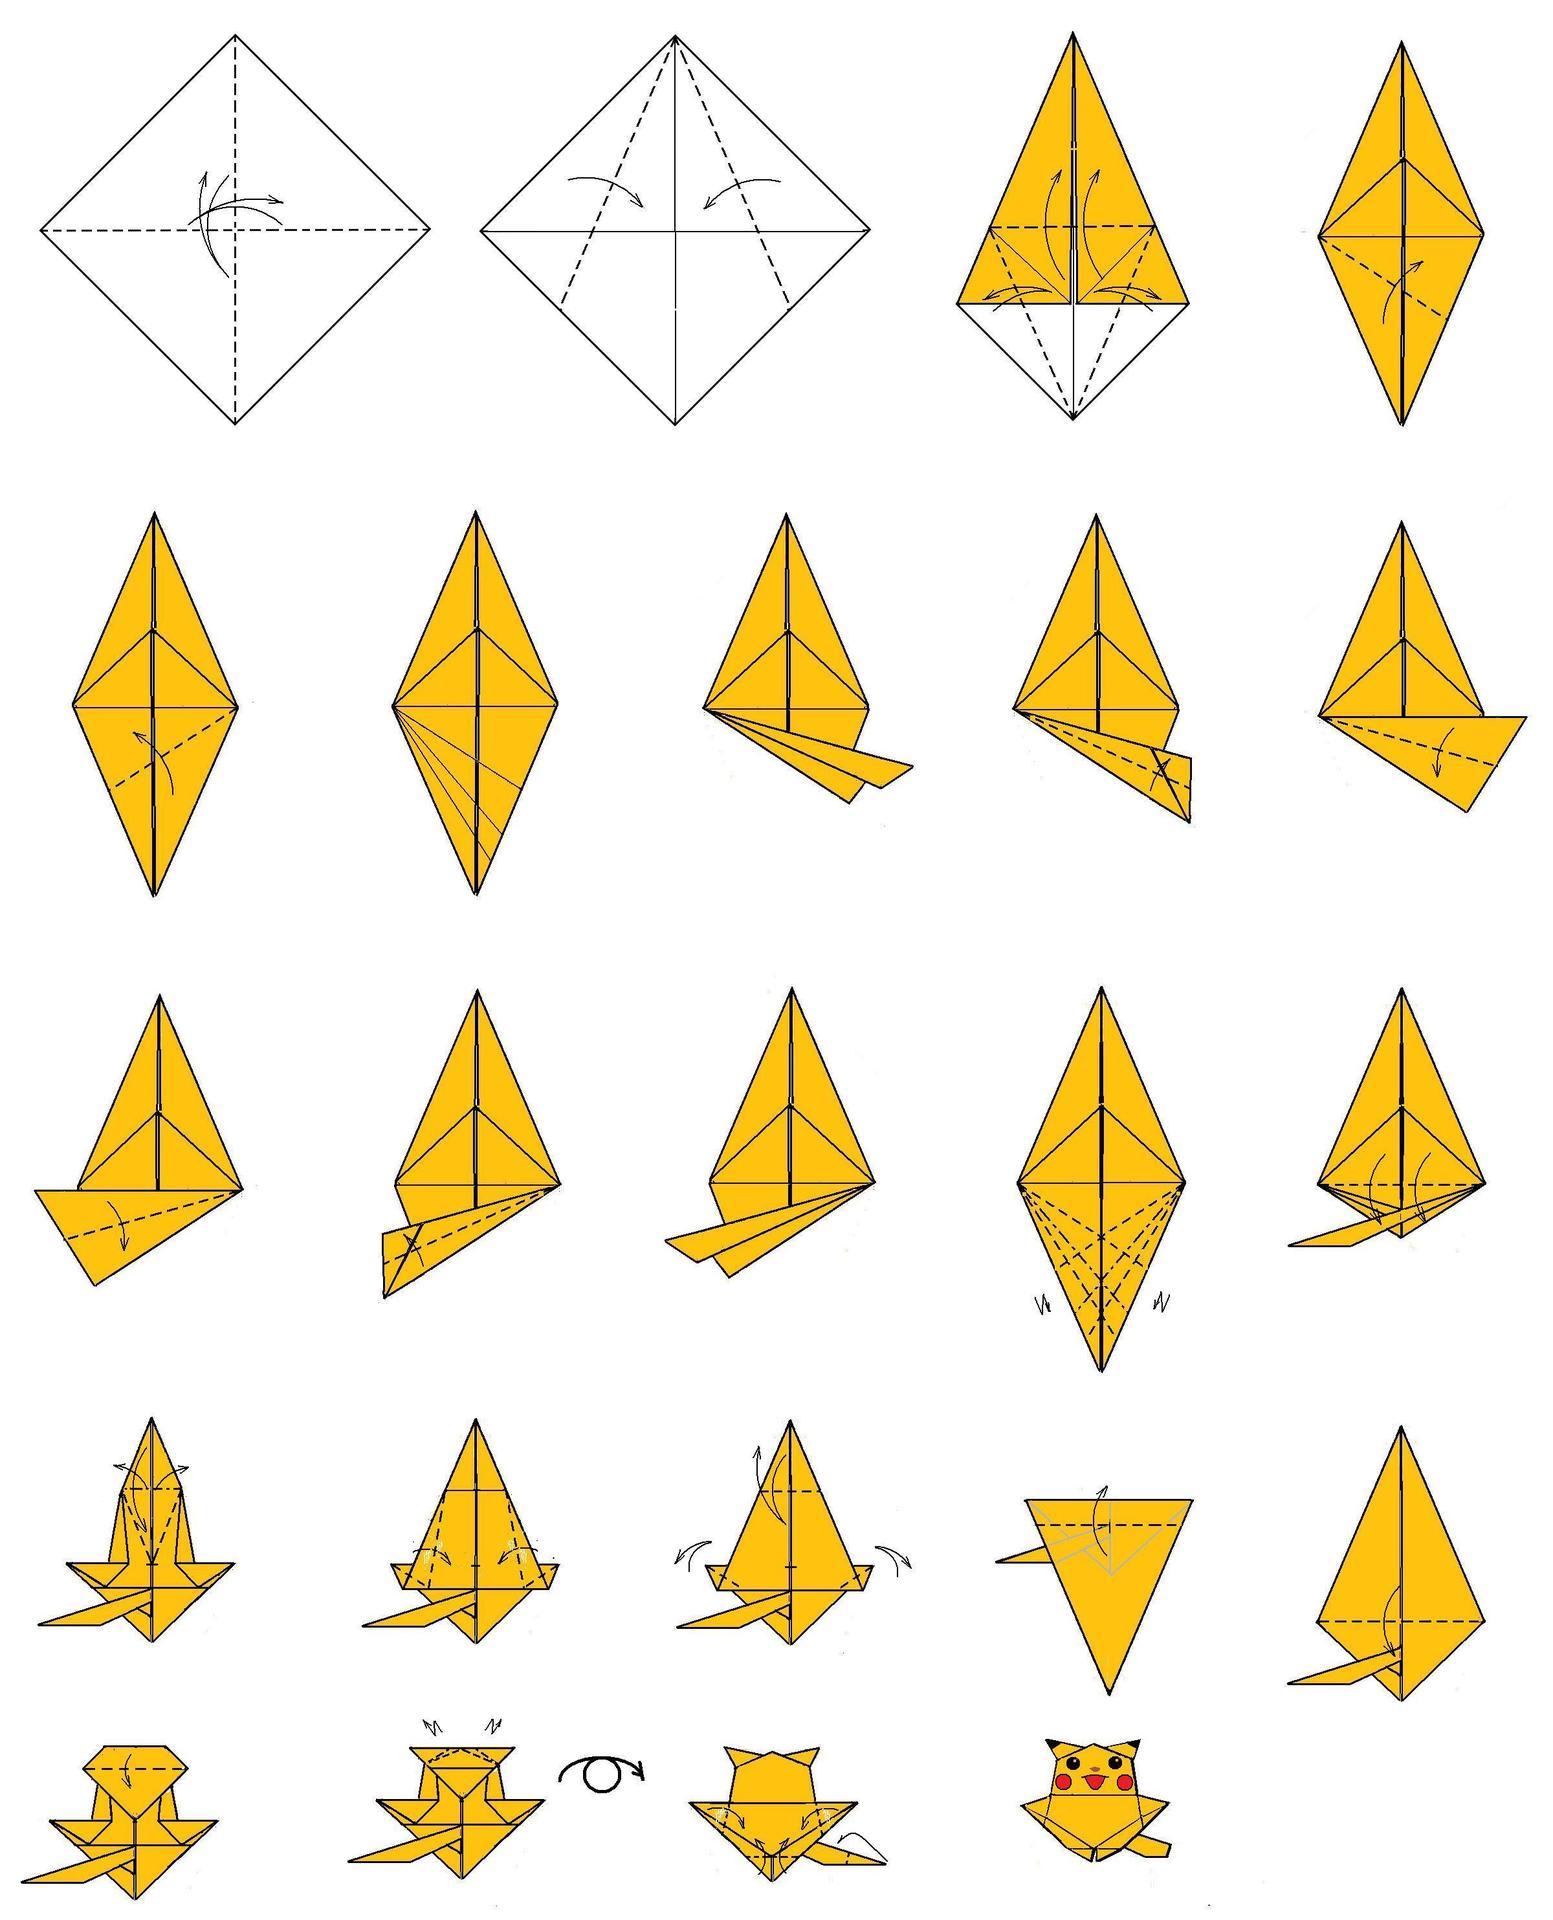 すべての講義 迷路 ゲーム こども : 折り紙のピカチュー - おもちゃ ...